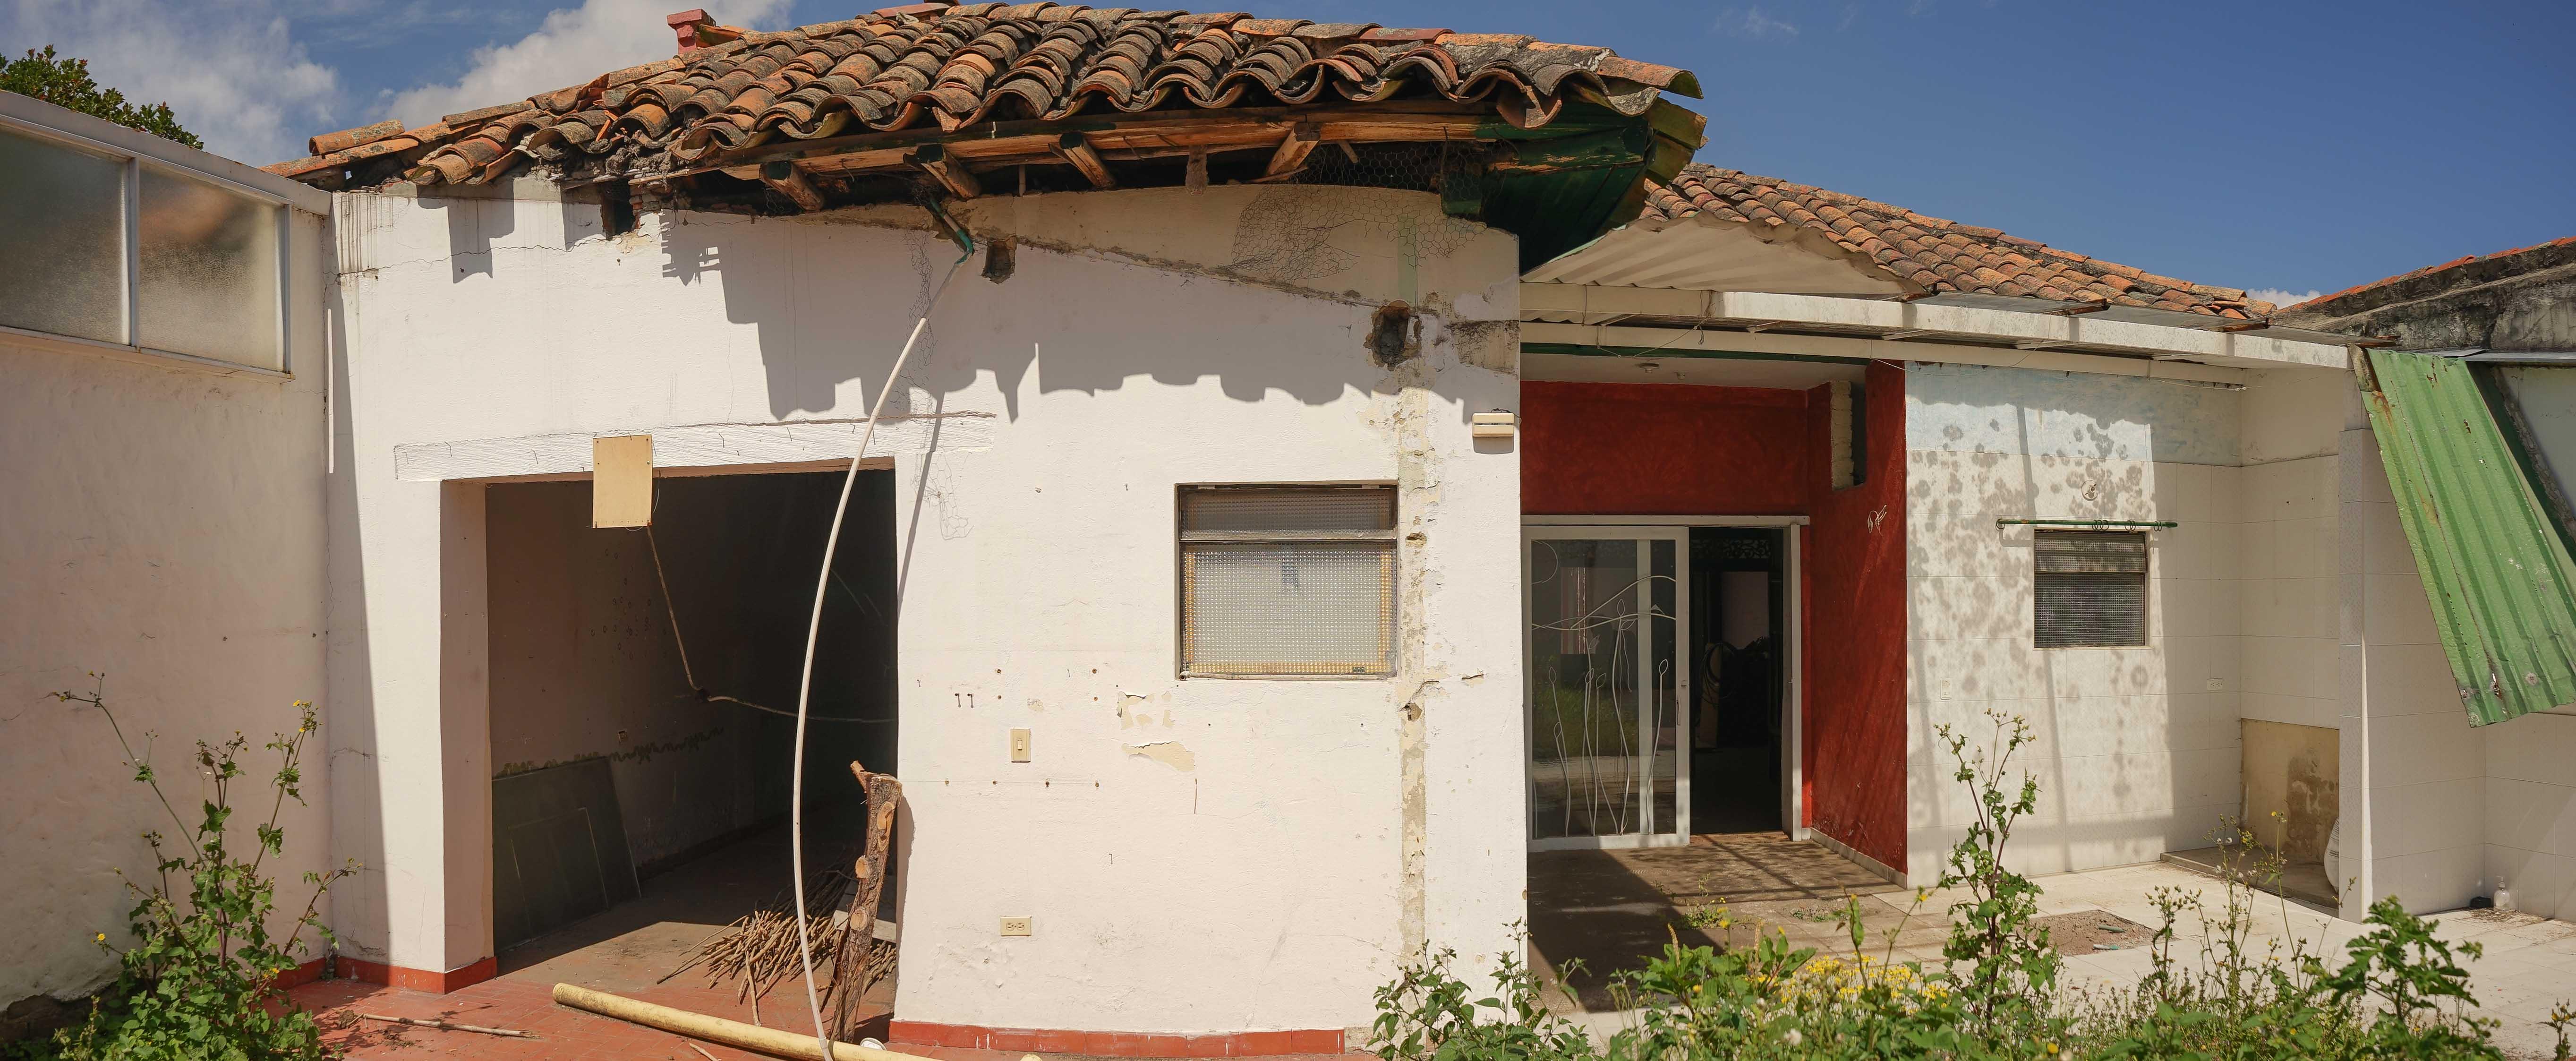 arquitectos_bogota_integral-10